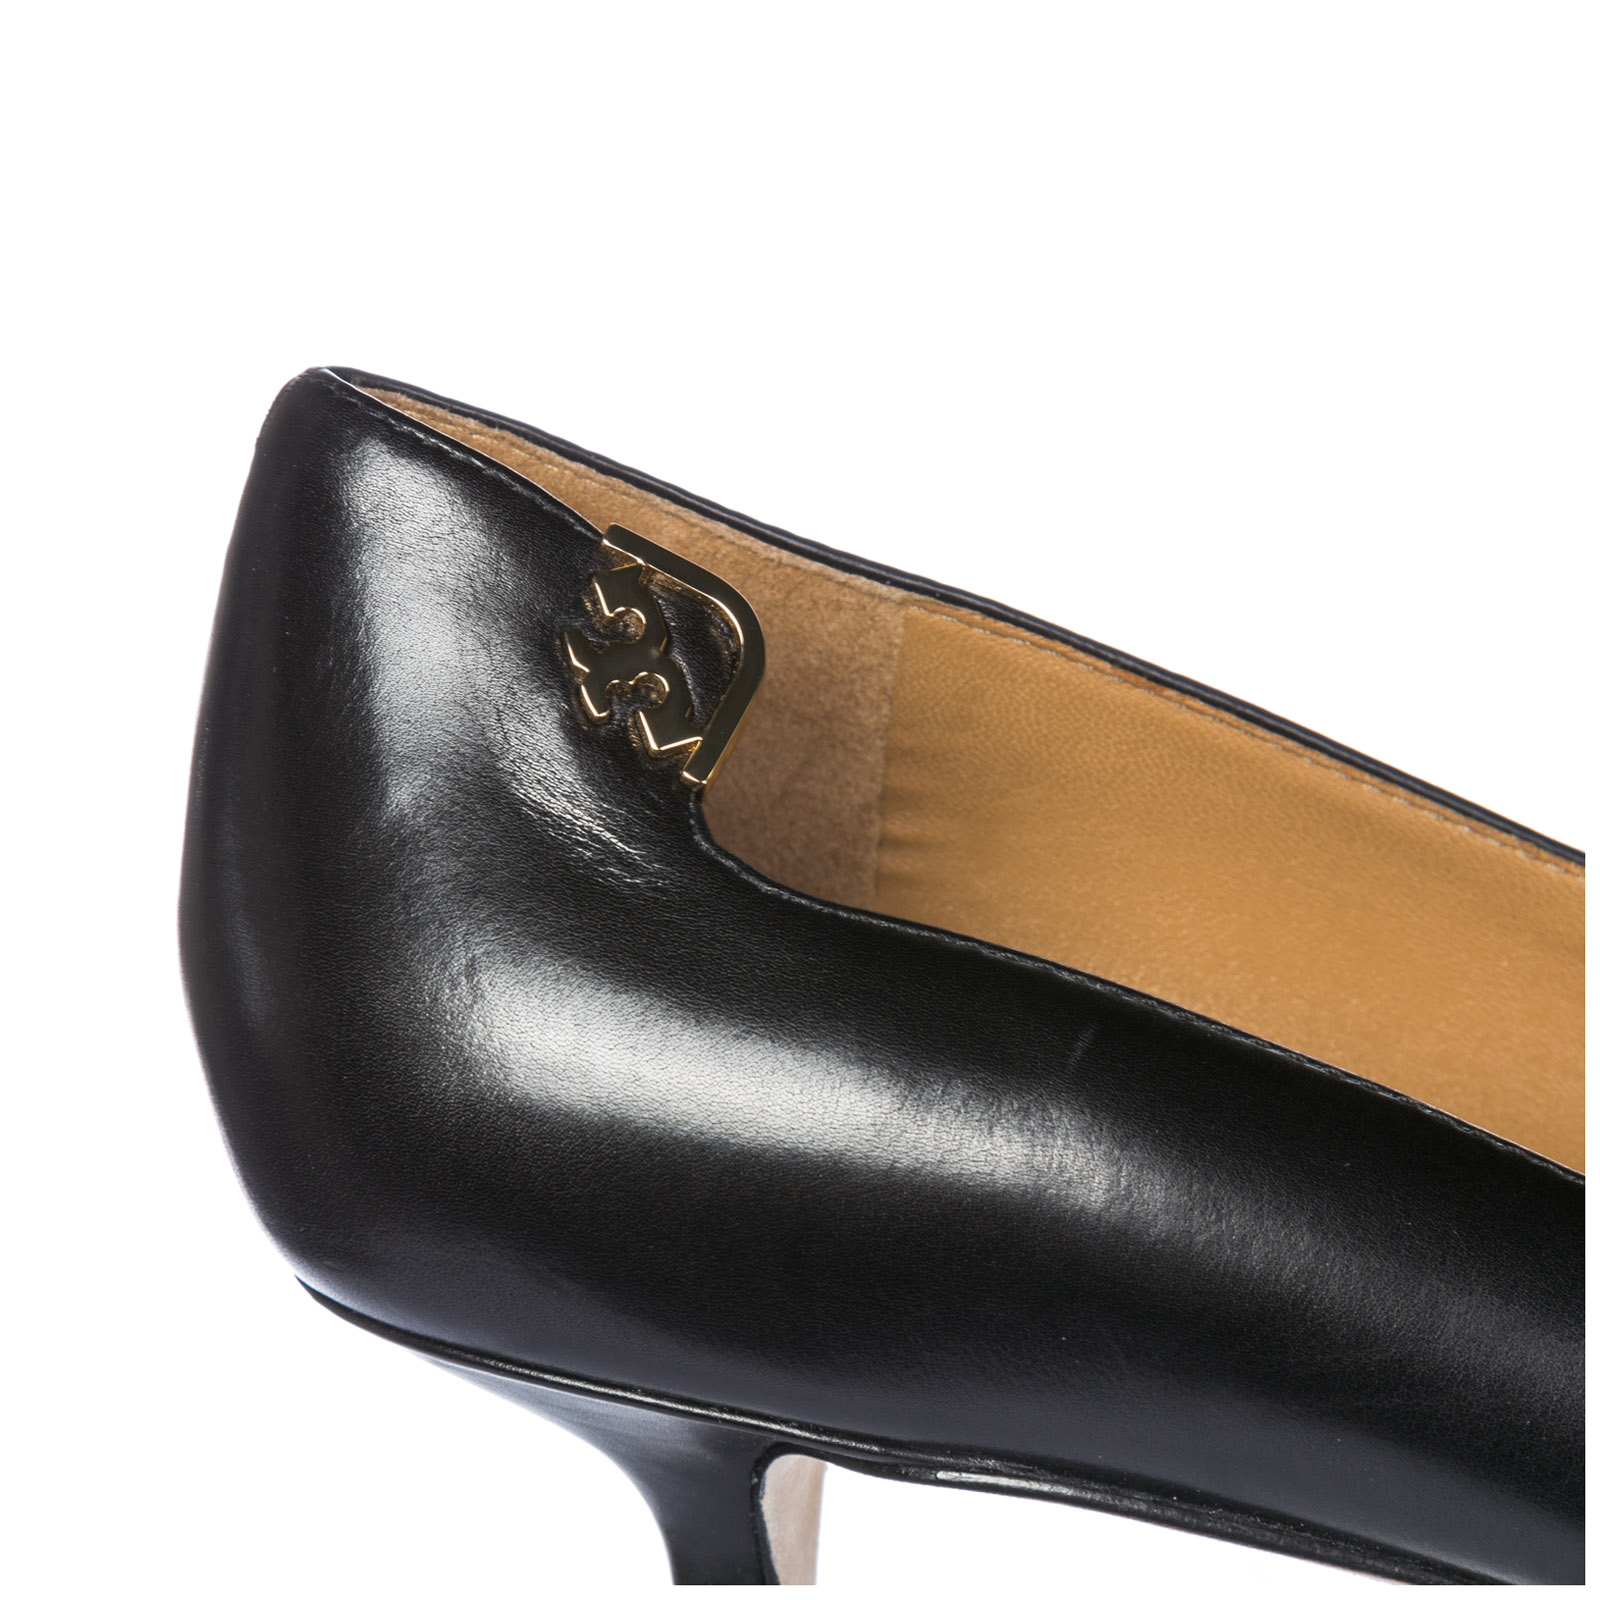 5c51a9508 ... Women s leather pumps court shoes high heel elizabeth